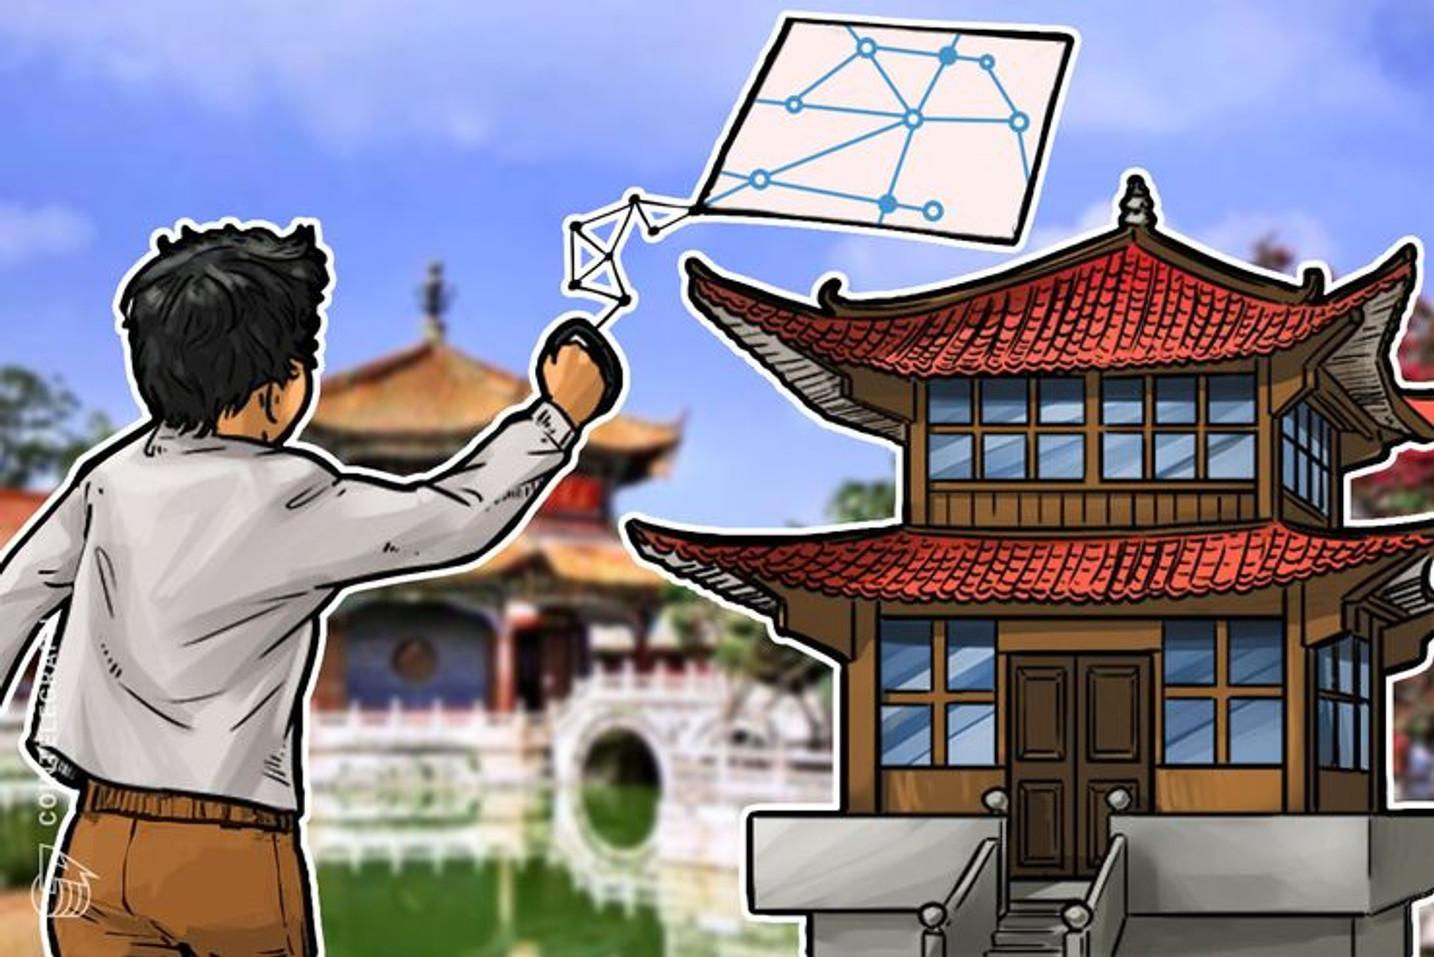 中国中央テレビ「ブロックチェーンは今後3年以内に実体経済に反映」【アラート】